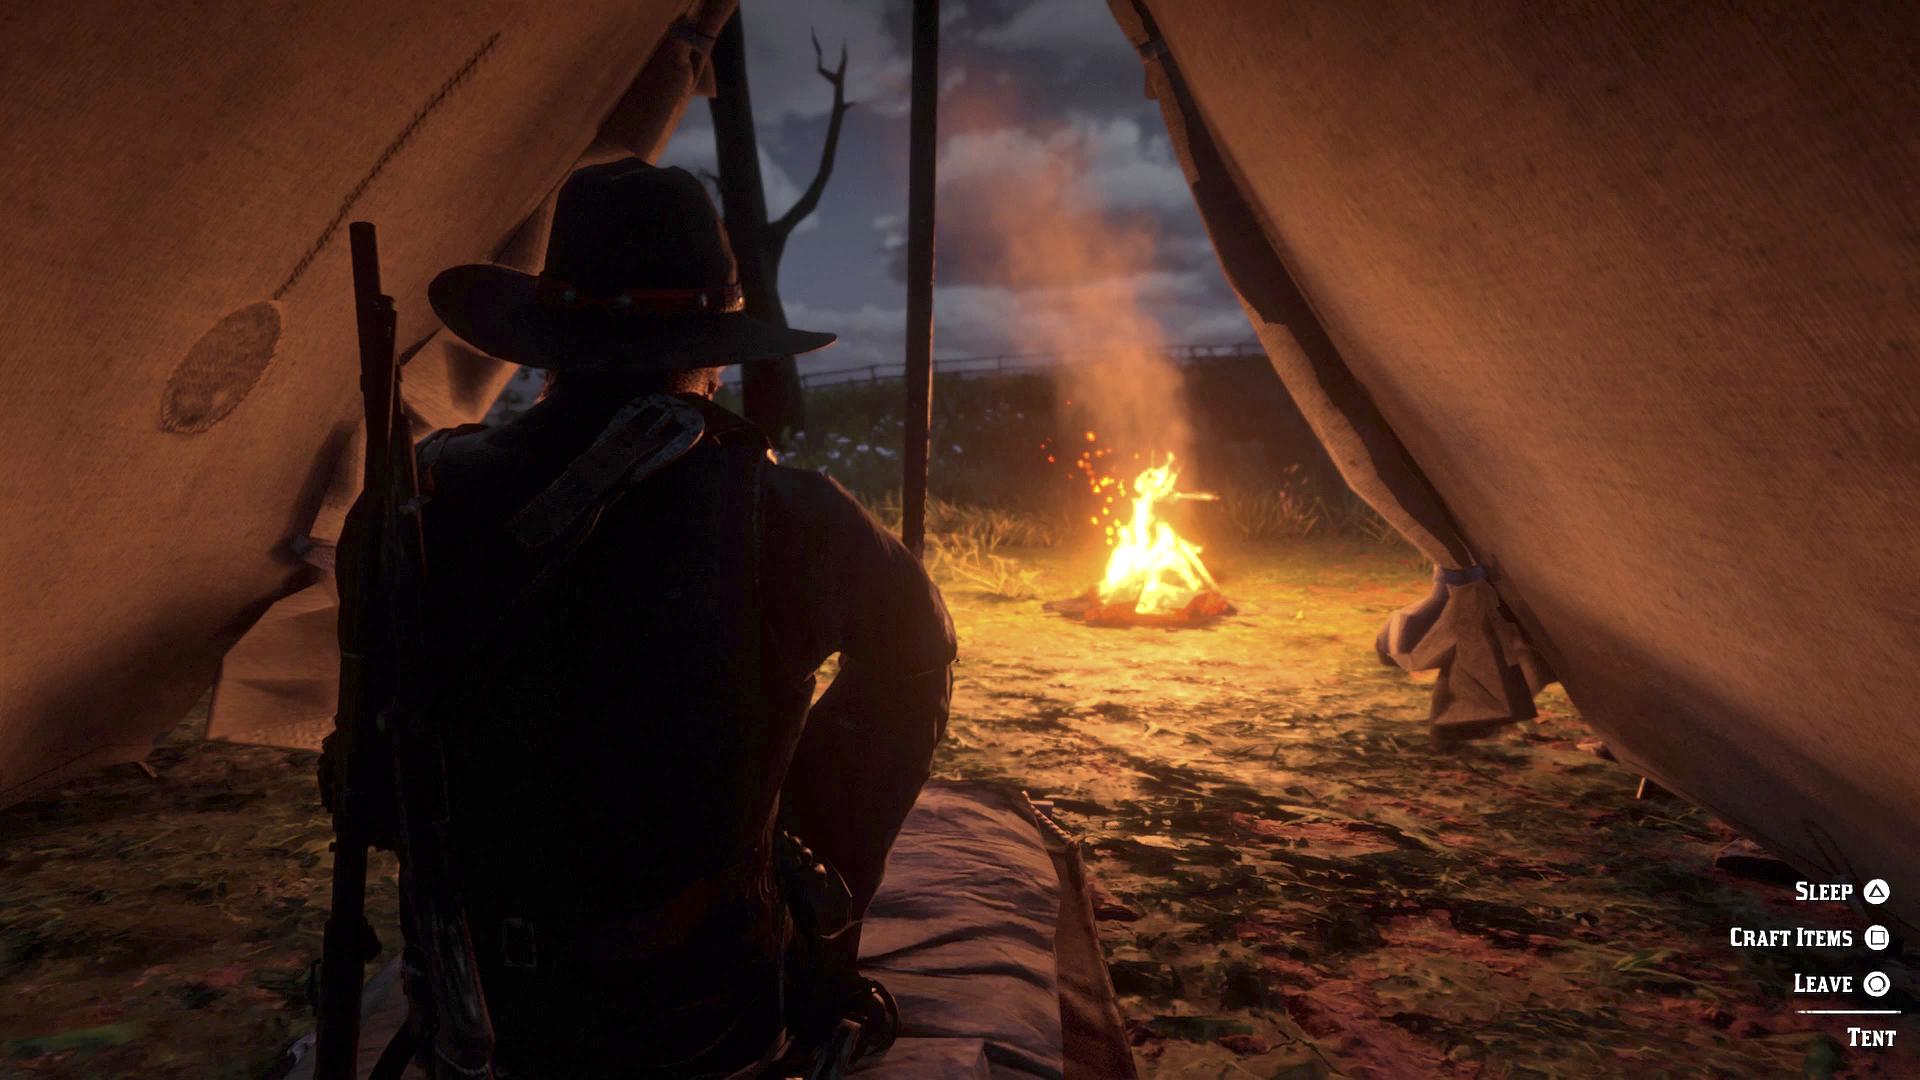 Red Dead Redemption 2 Defiantly Bucks Open-World Trends